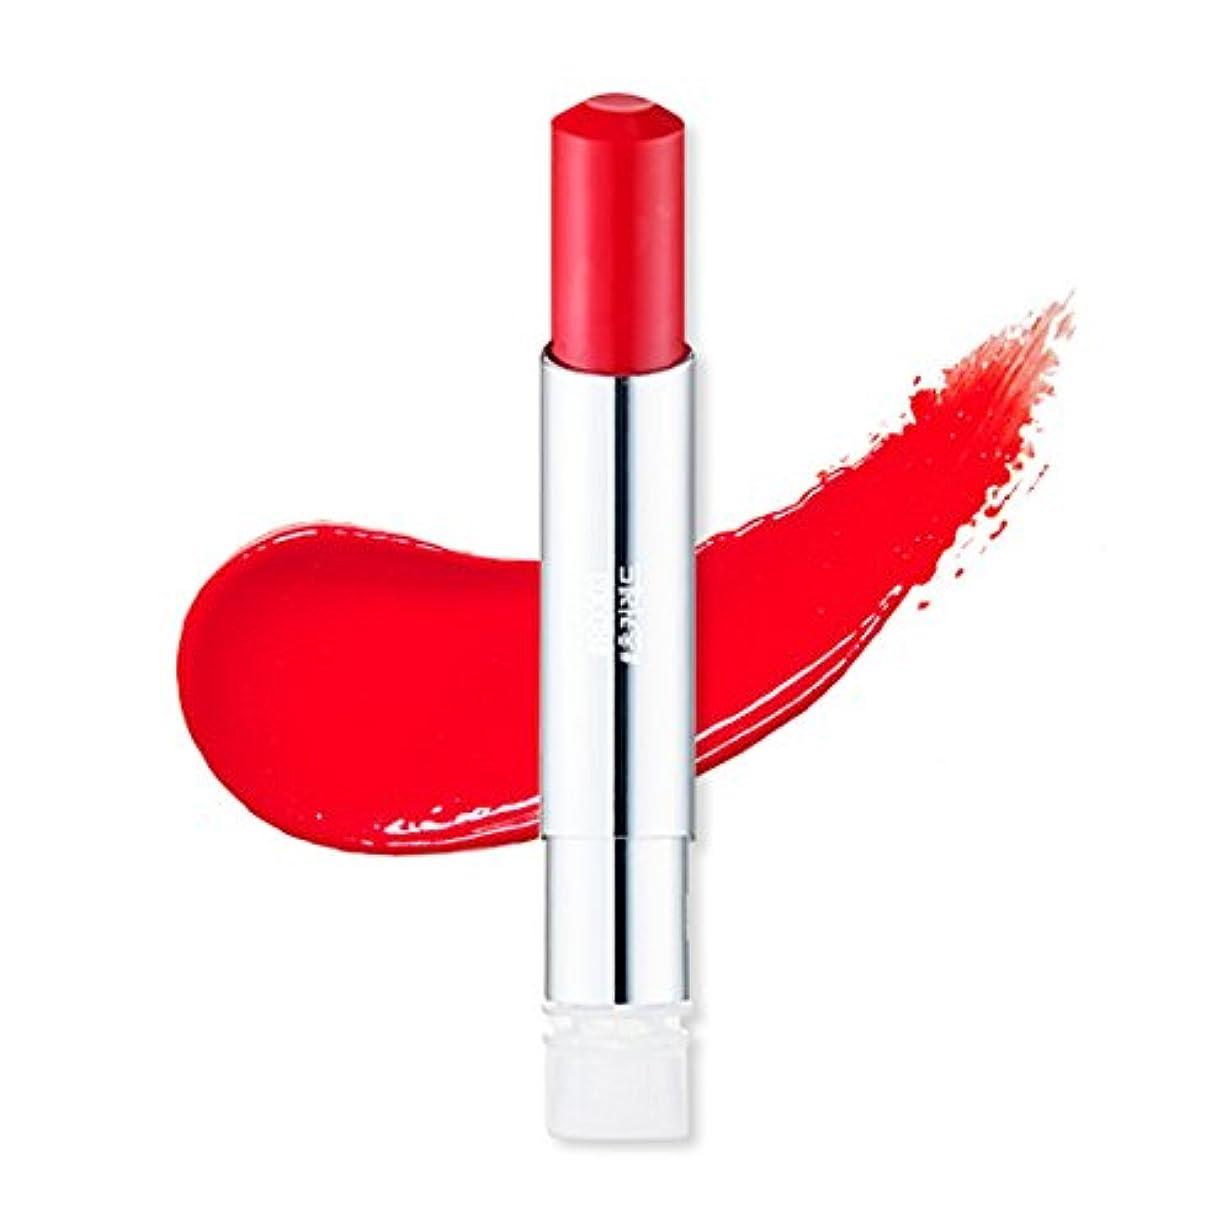 灰音声経度Etude House Glass Tinting Lips Talk #RD303 エチュードハウスグラスチンチンリップトーク #RD303 [並行輸入品]